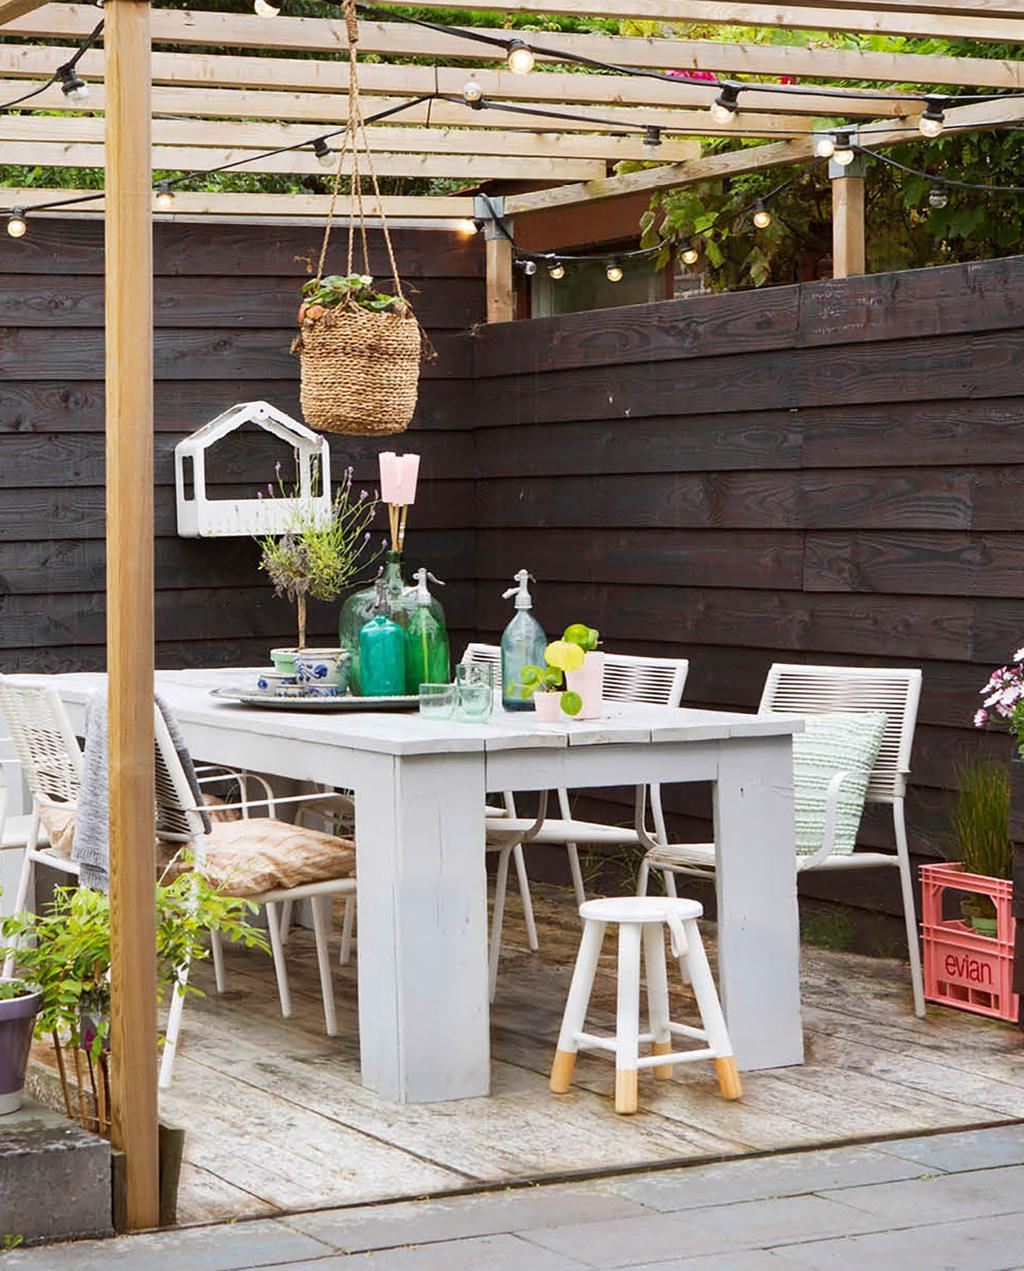 vtwonen 06-2018 | woonark in amsterdam met tuin met witte tafel en overkapping